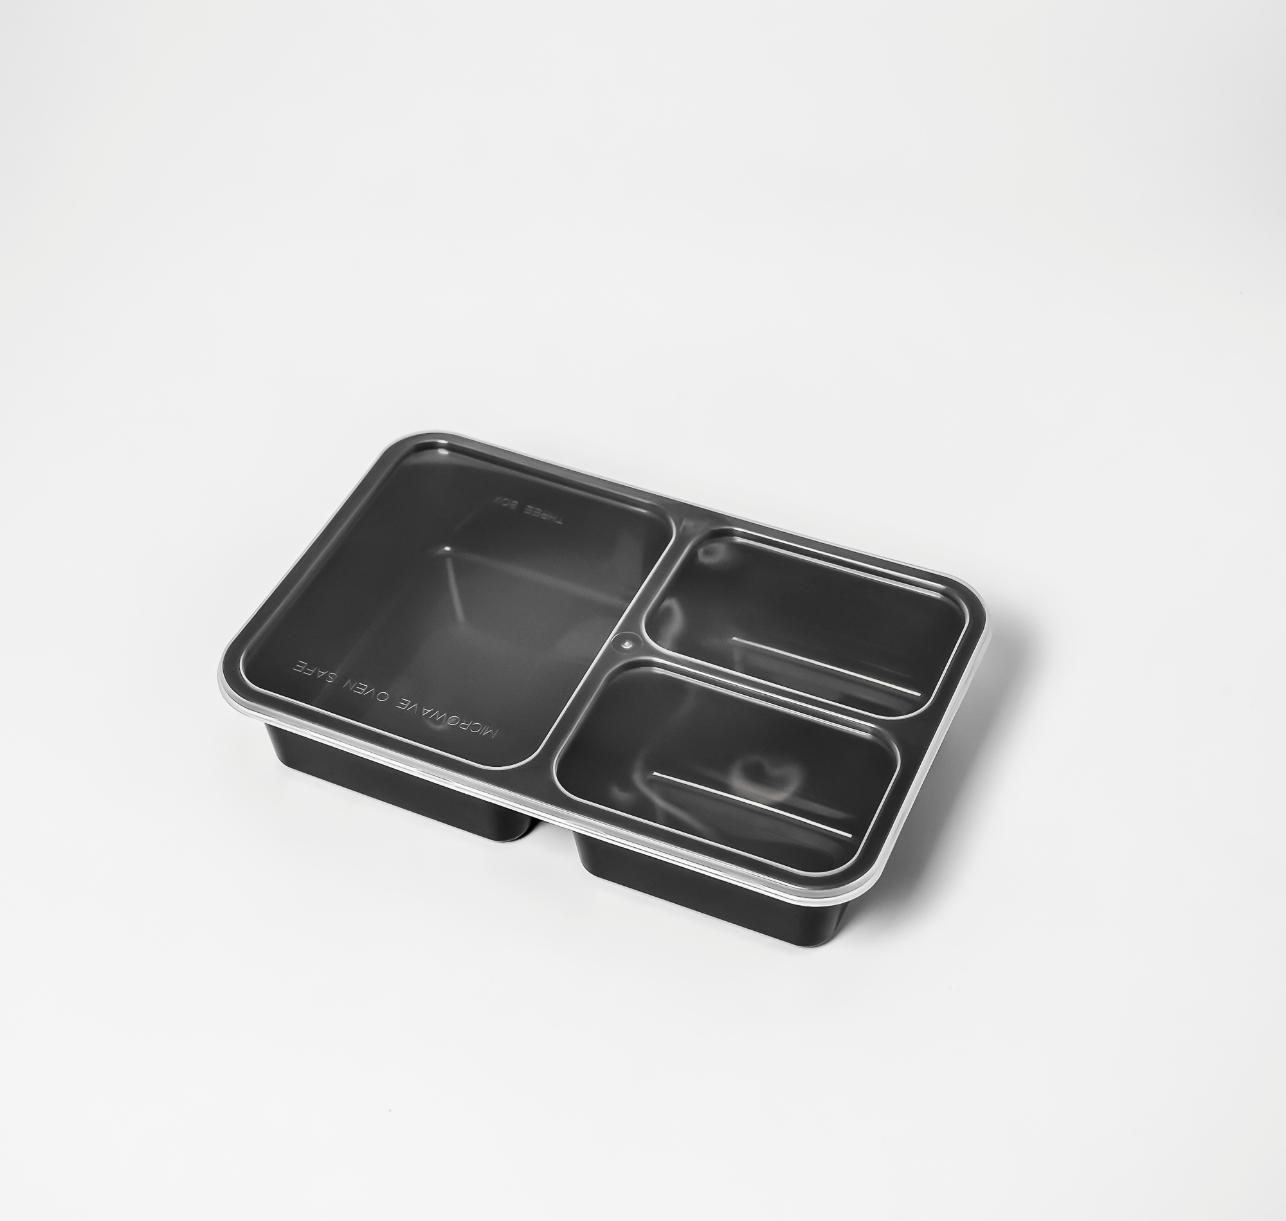 กล่องอาหารพลาสติก 3 ช่อง premium 900ml